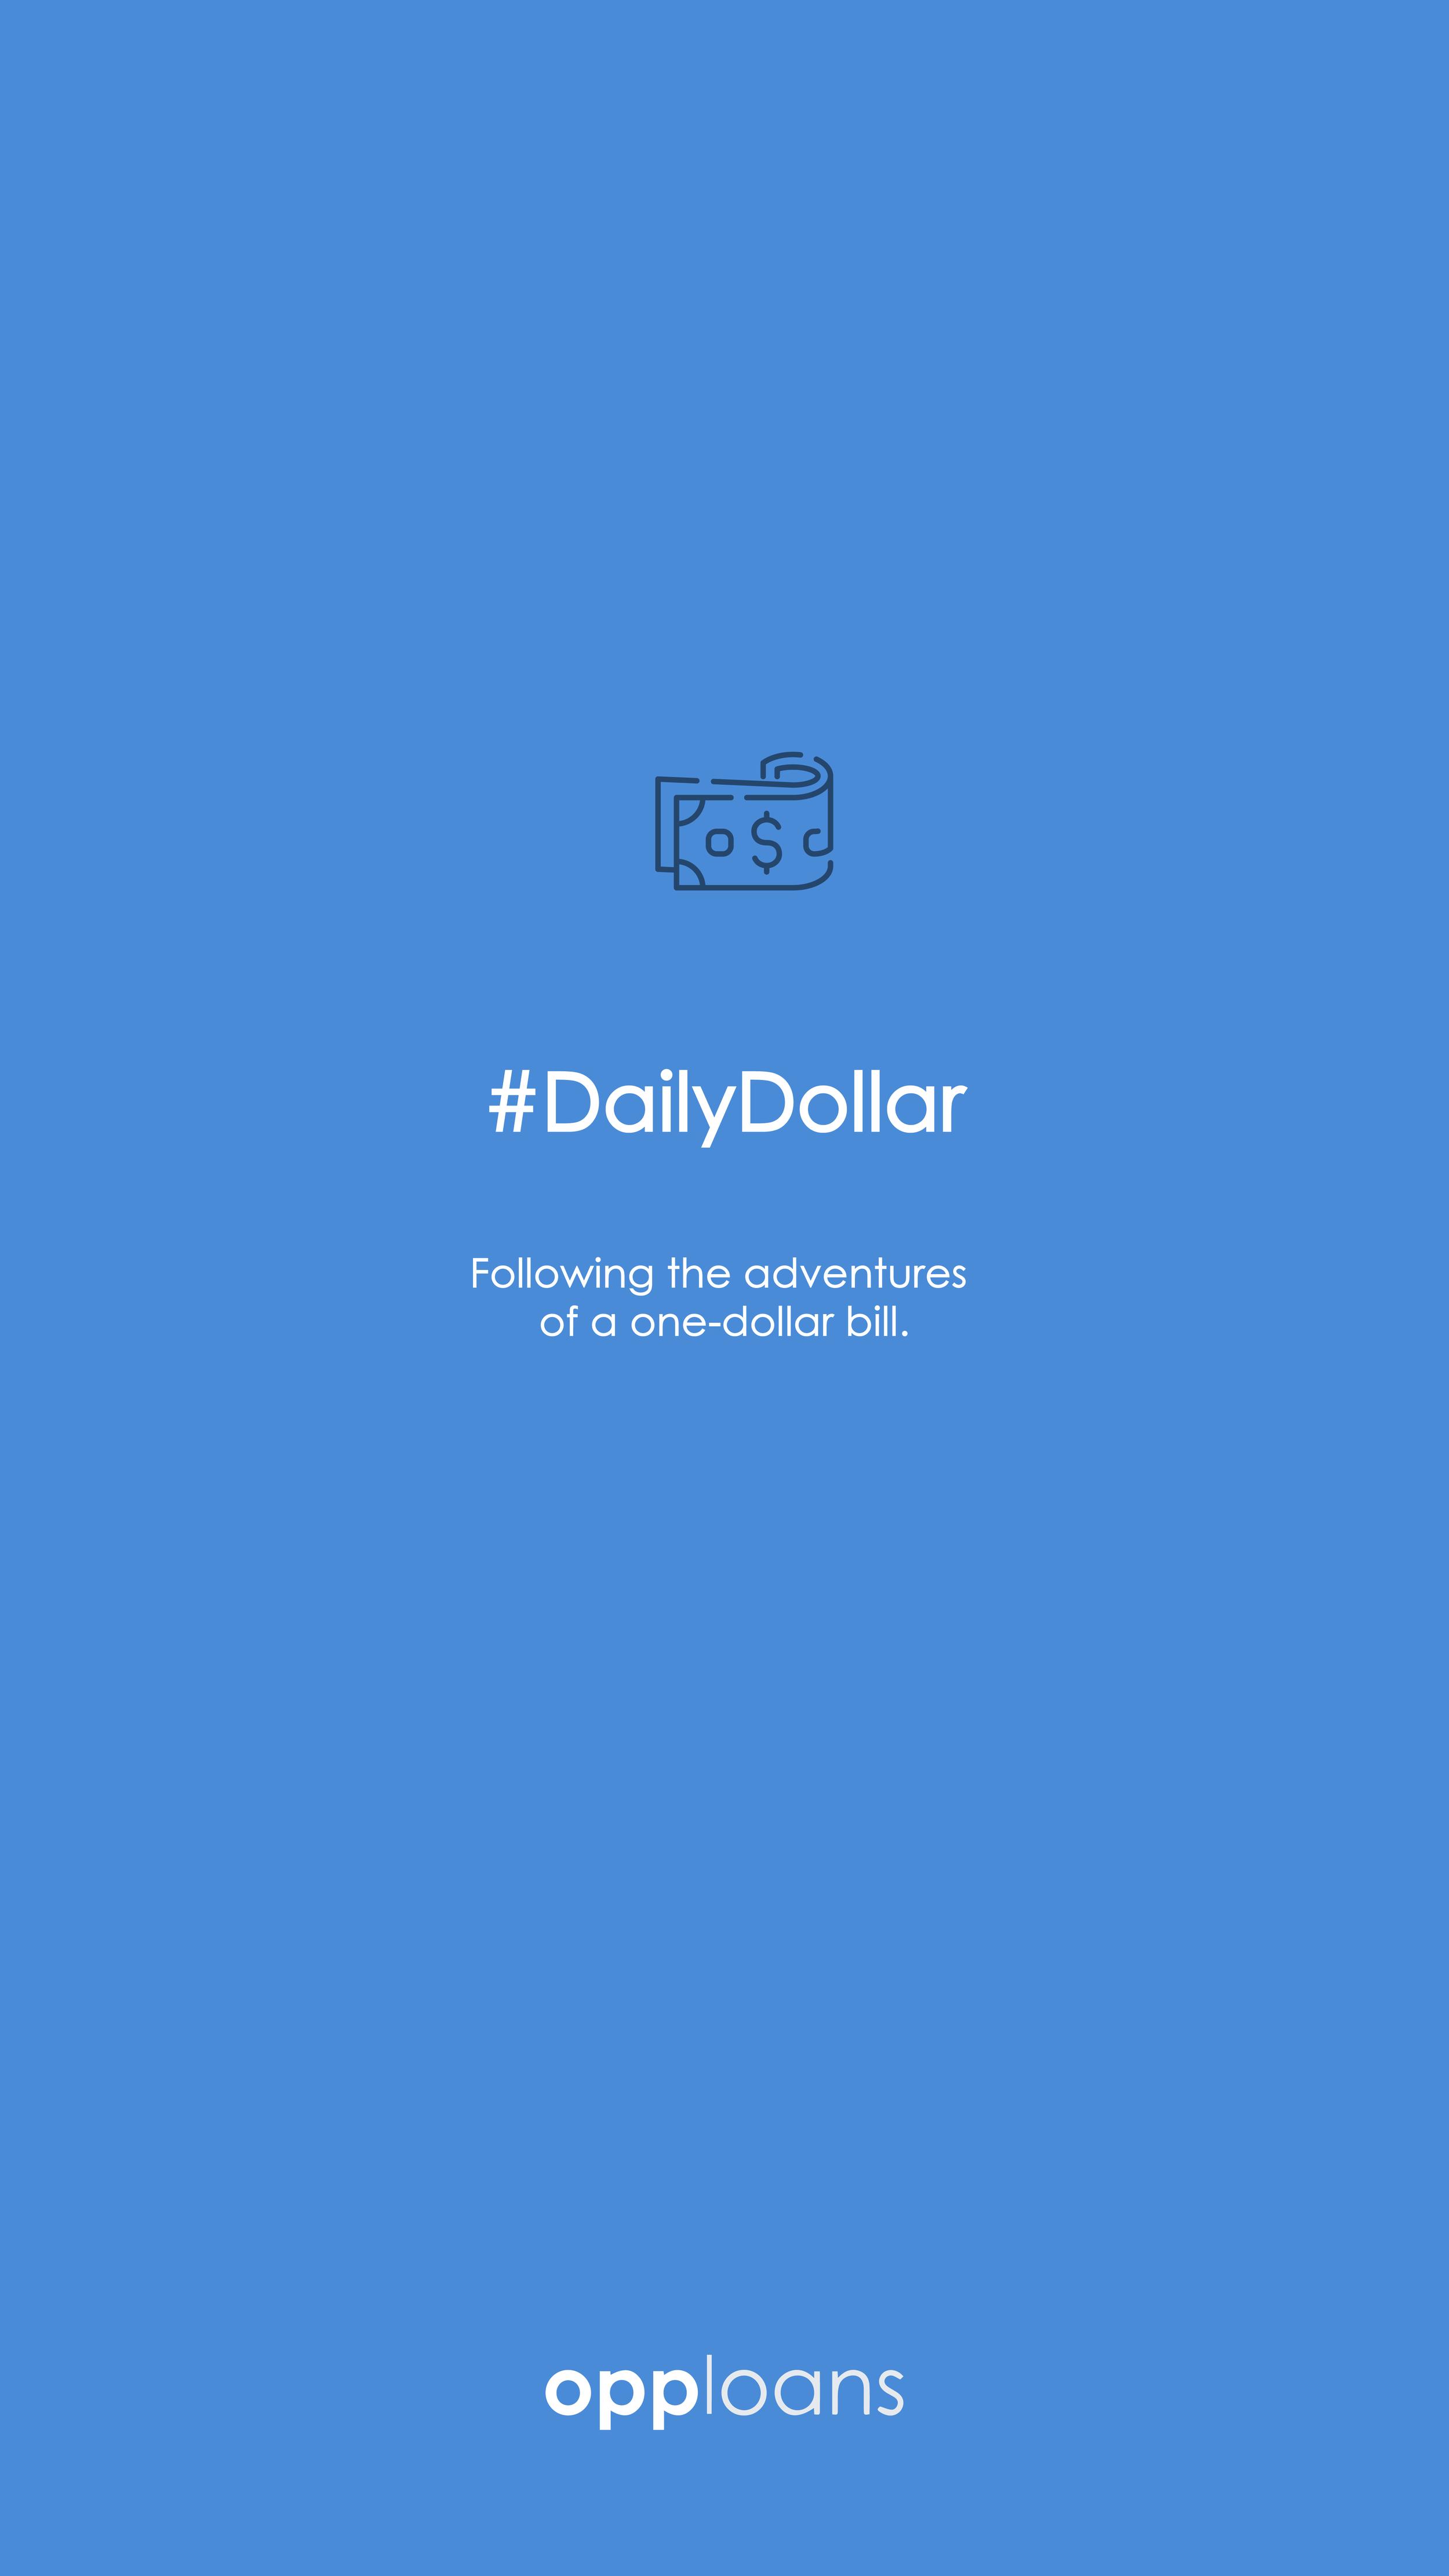 OL-DailyDollar_Title.png